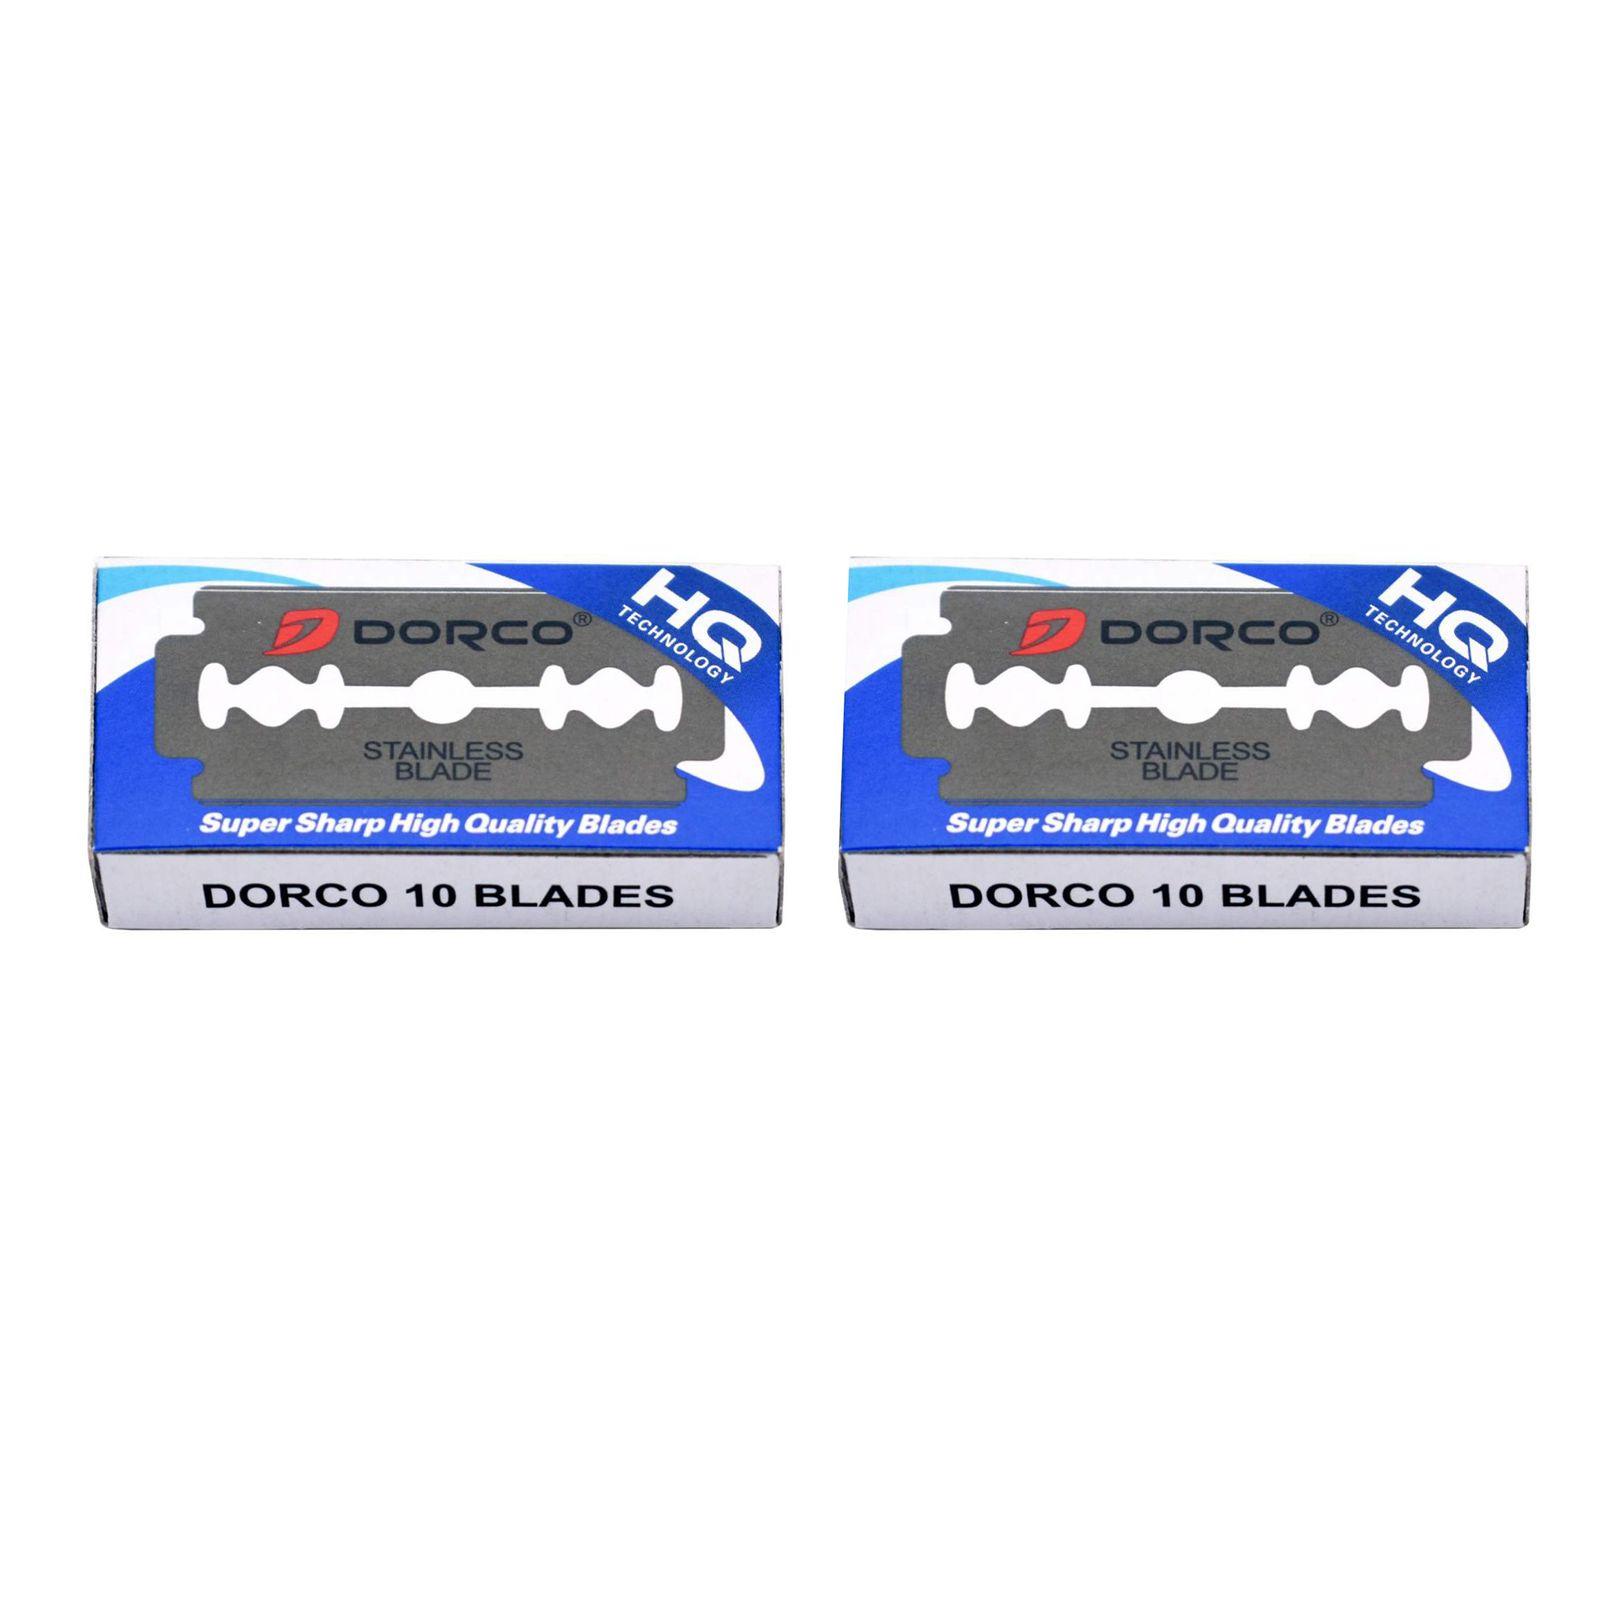 تیغ یدک دورکو مدل HQ-22 مجموعه 2 عددی -  - 2